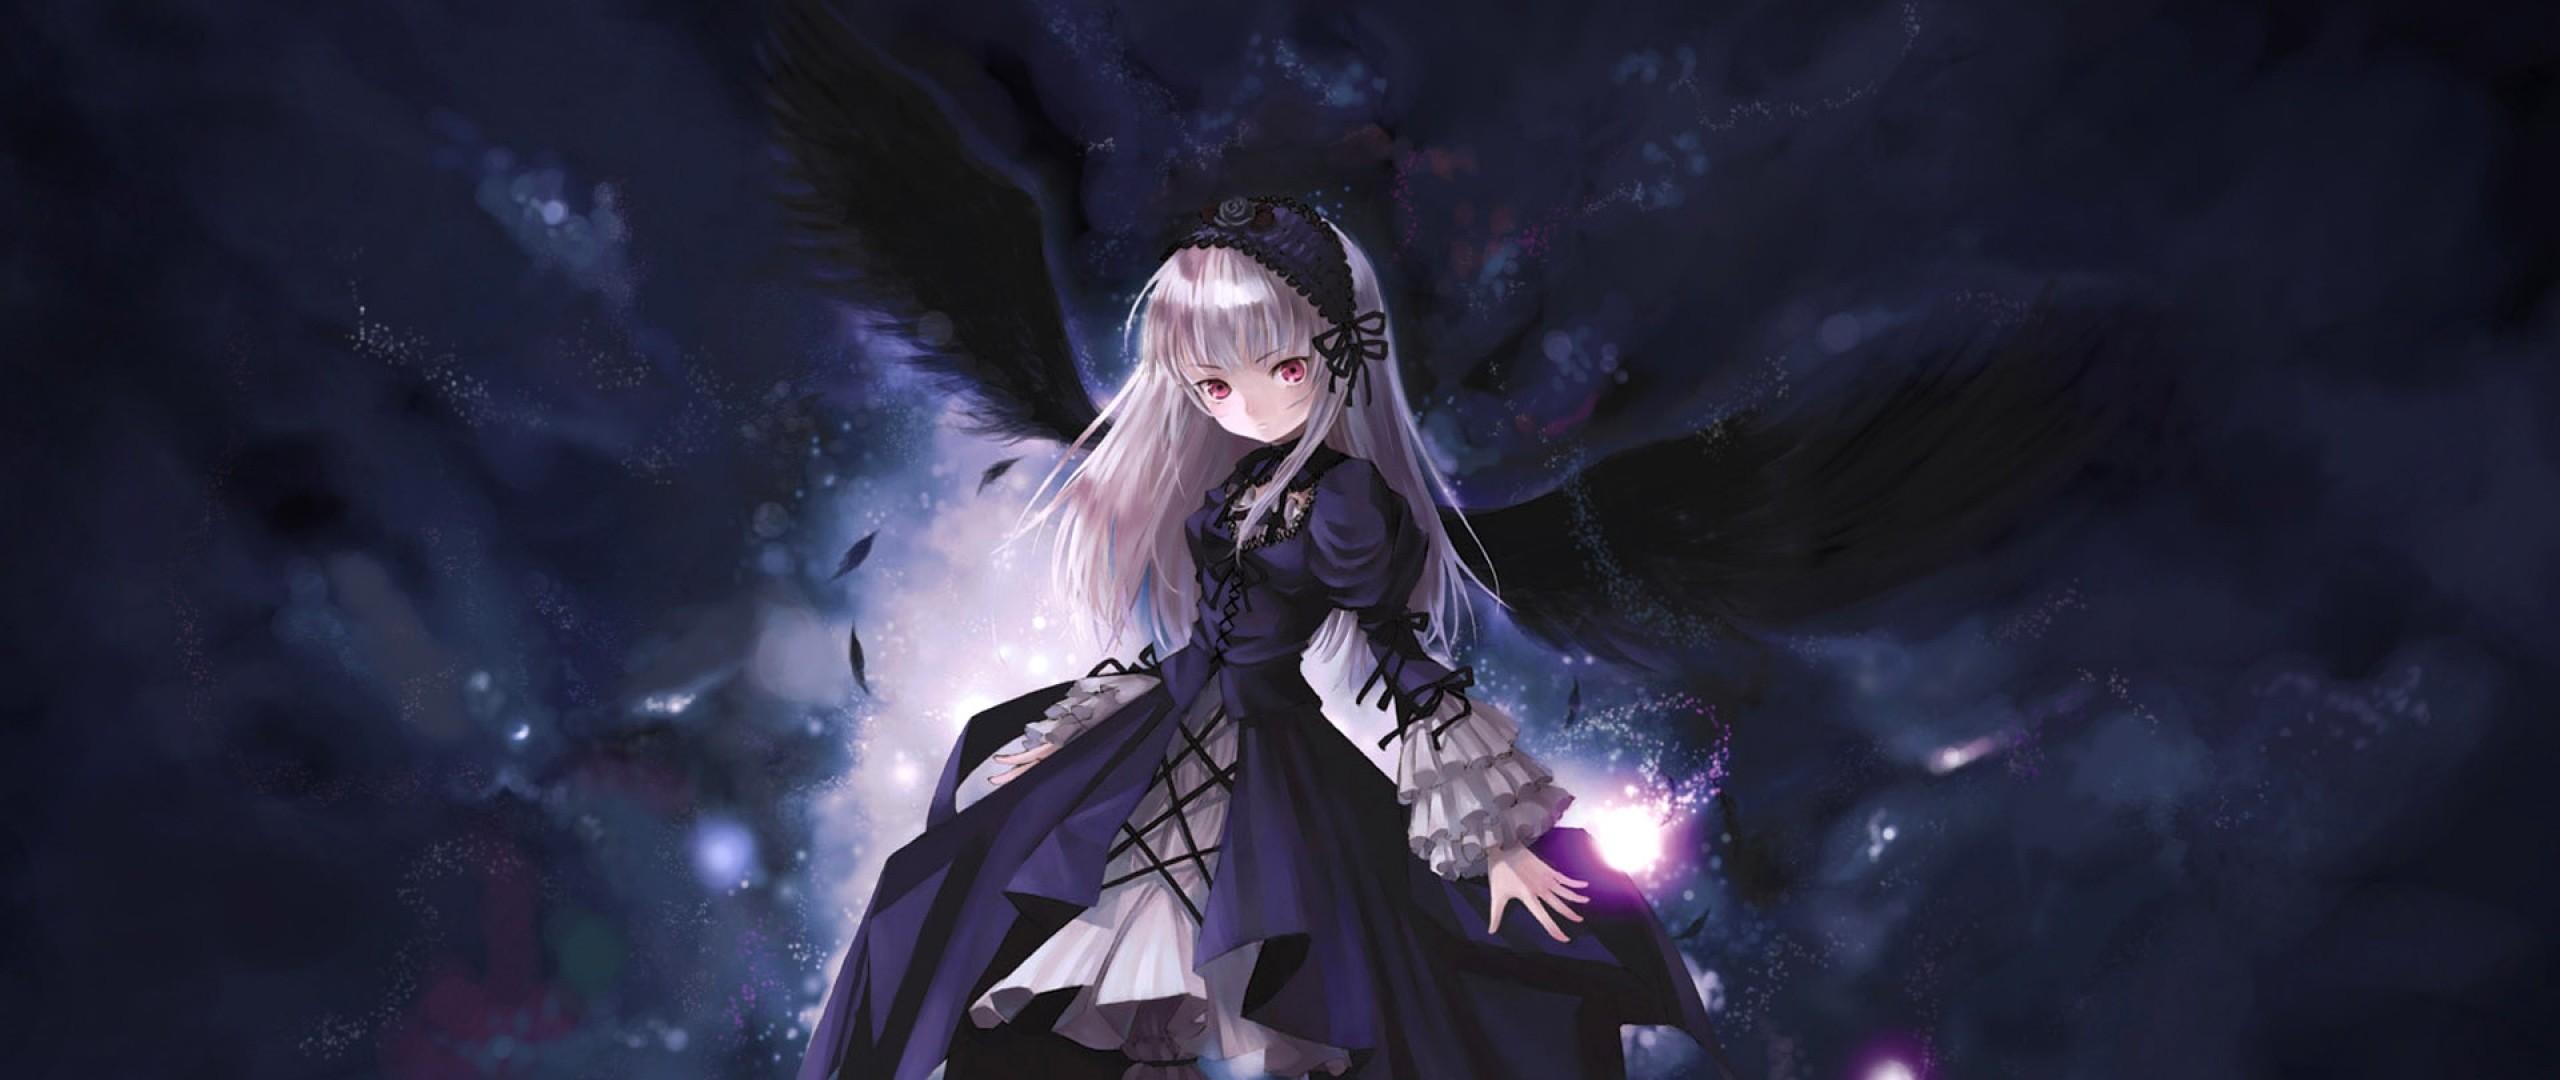 Wallpaper anime, girl, wings, flying, black